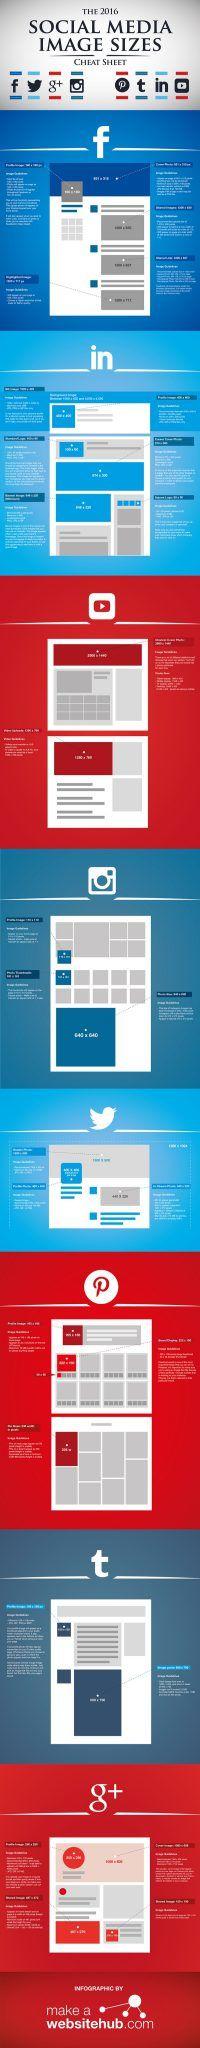 2016 Шпаргалка по размерам графических элементов в социальных сетях [инфографика]